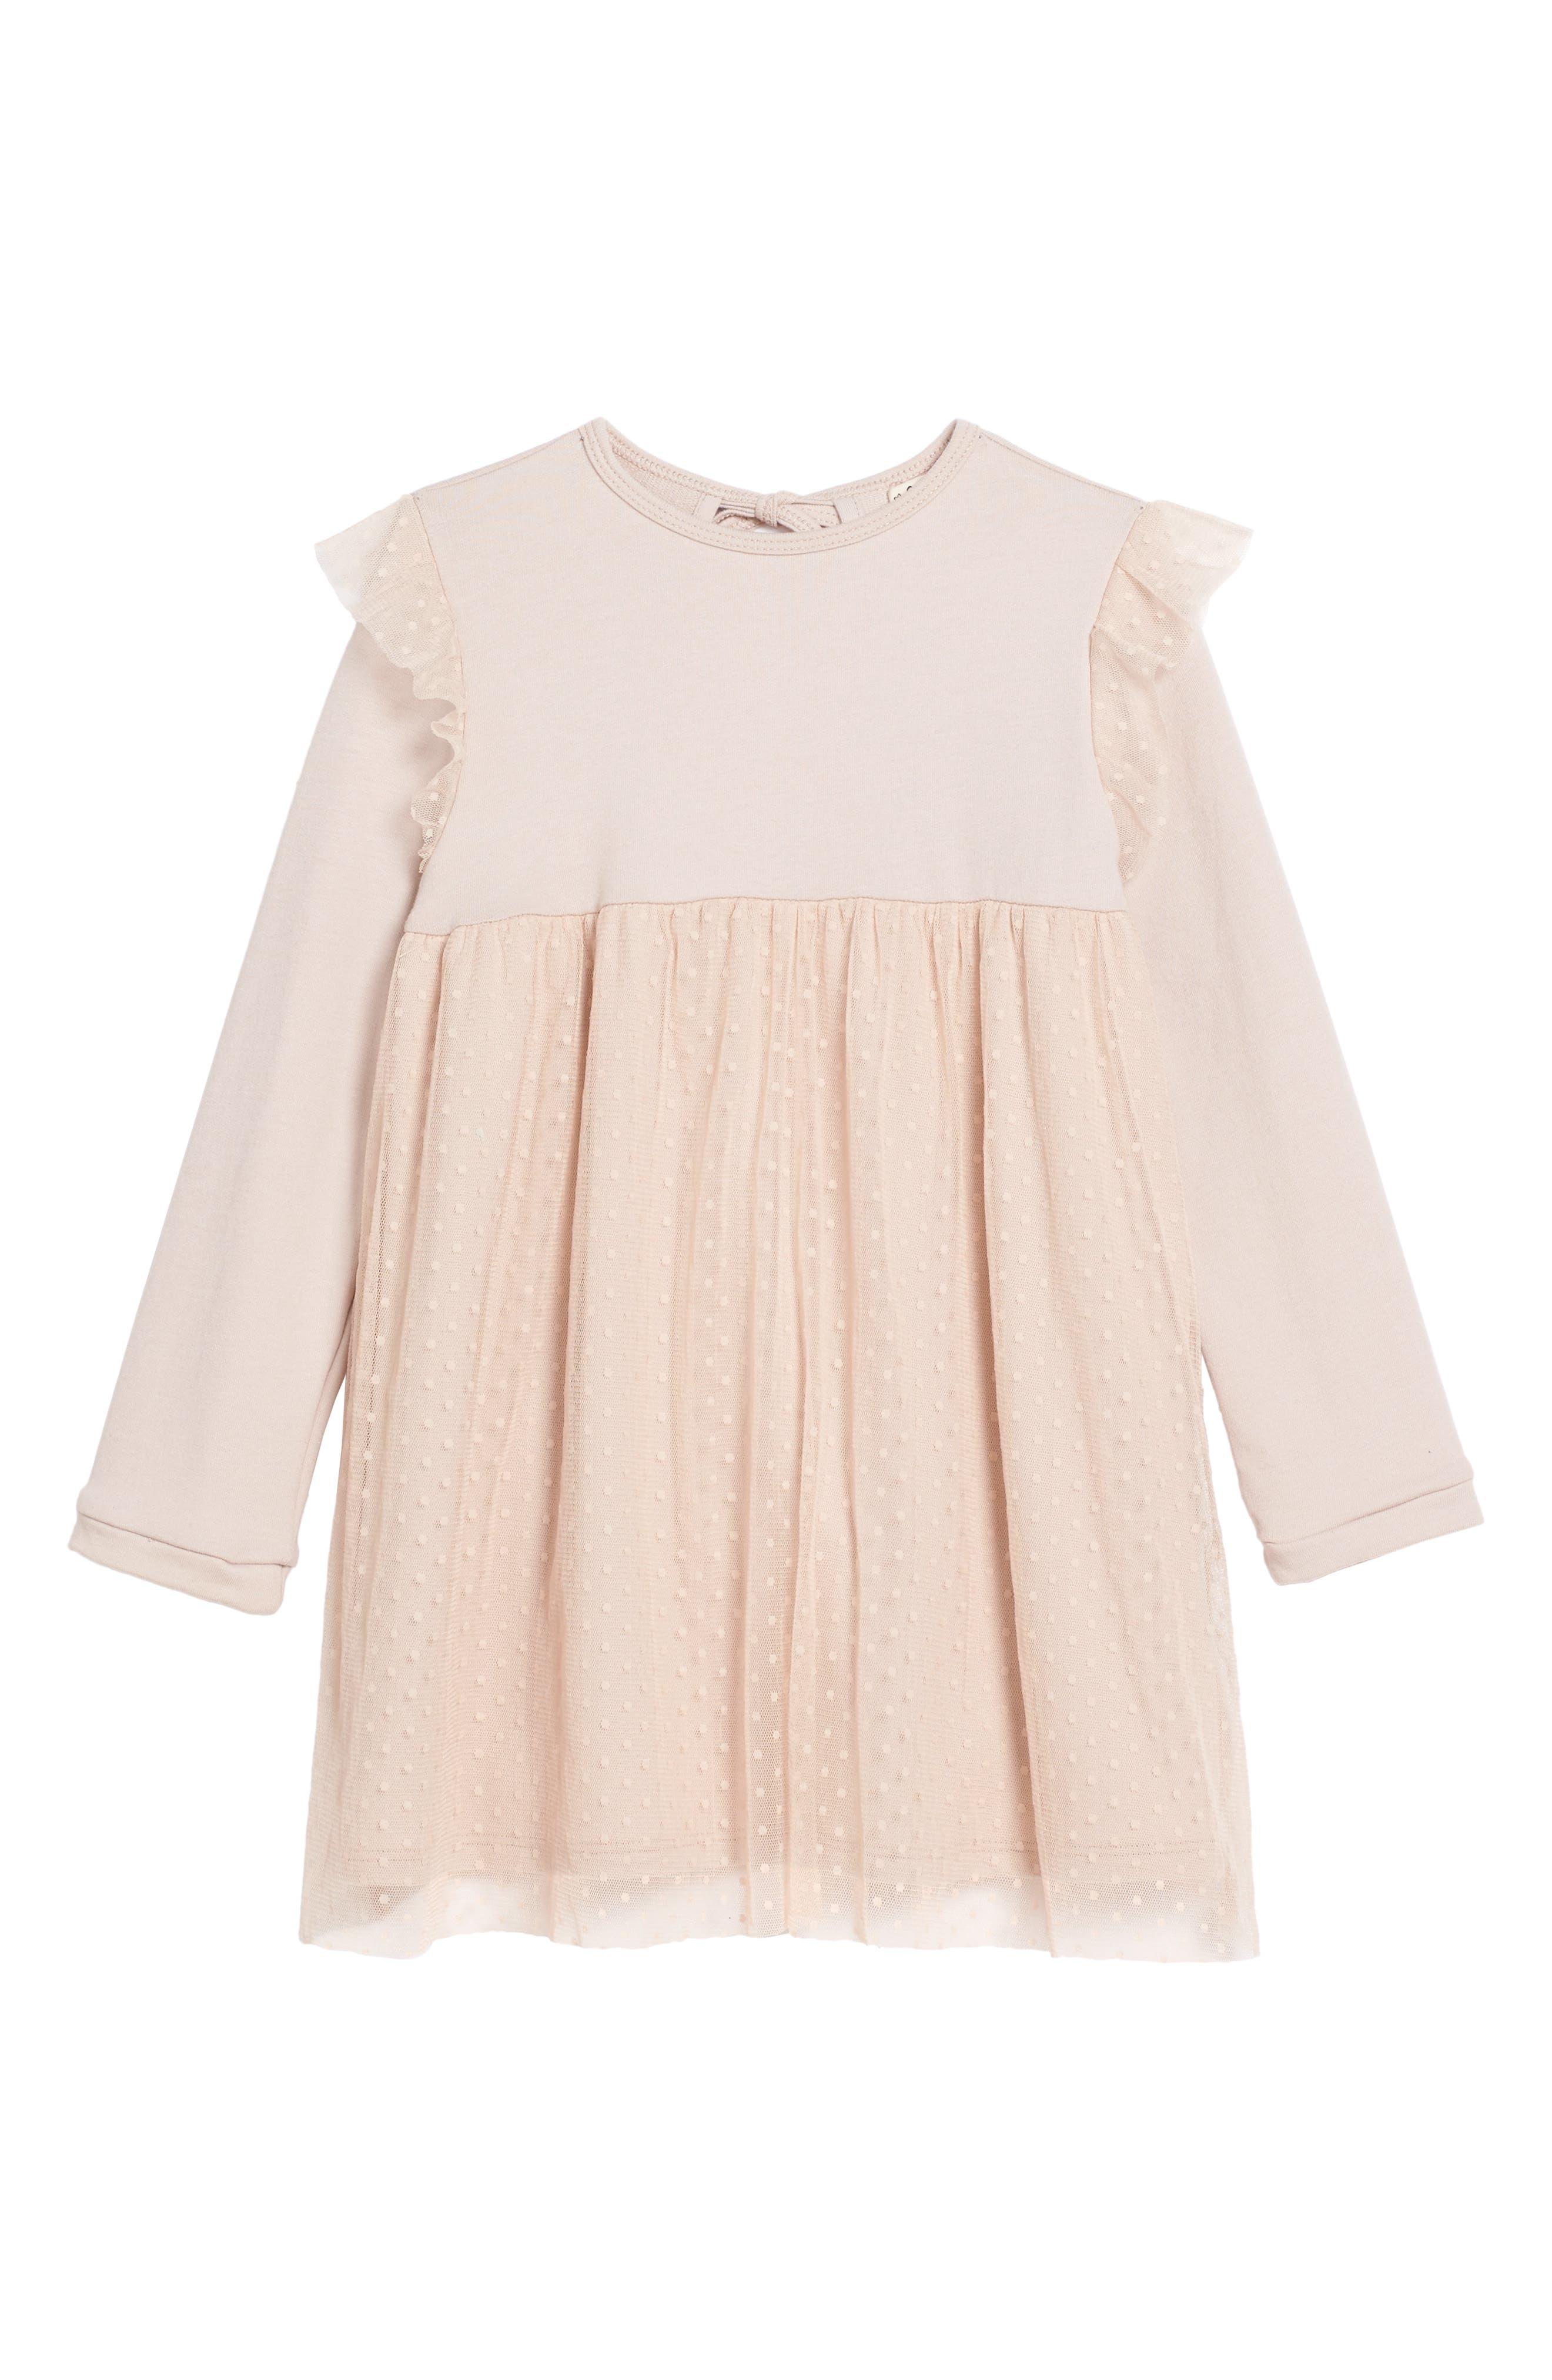 Main Image - For Love & Lemons Ballerina Tulle Dress (Toddler Girls & Little Girls)